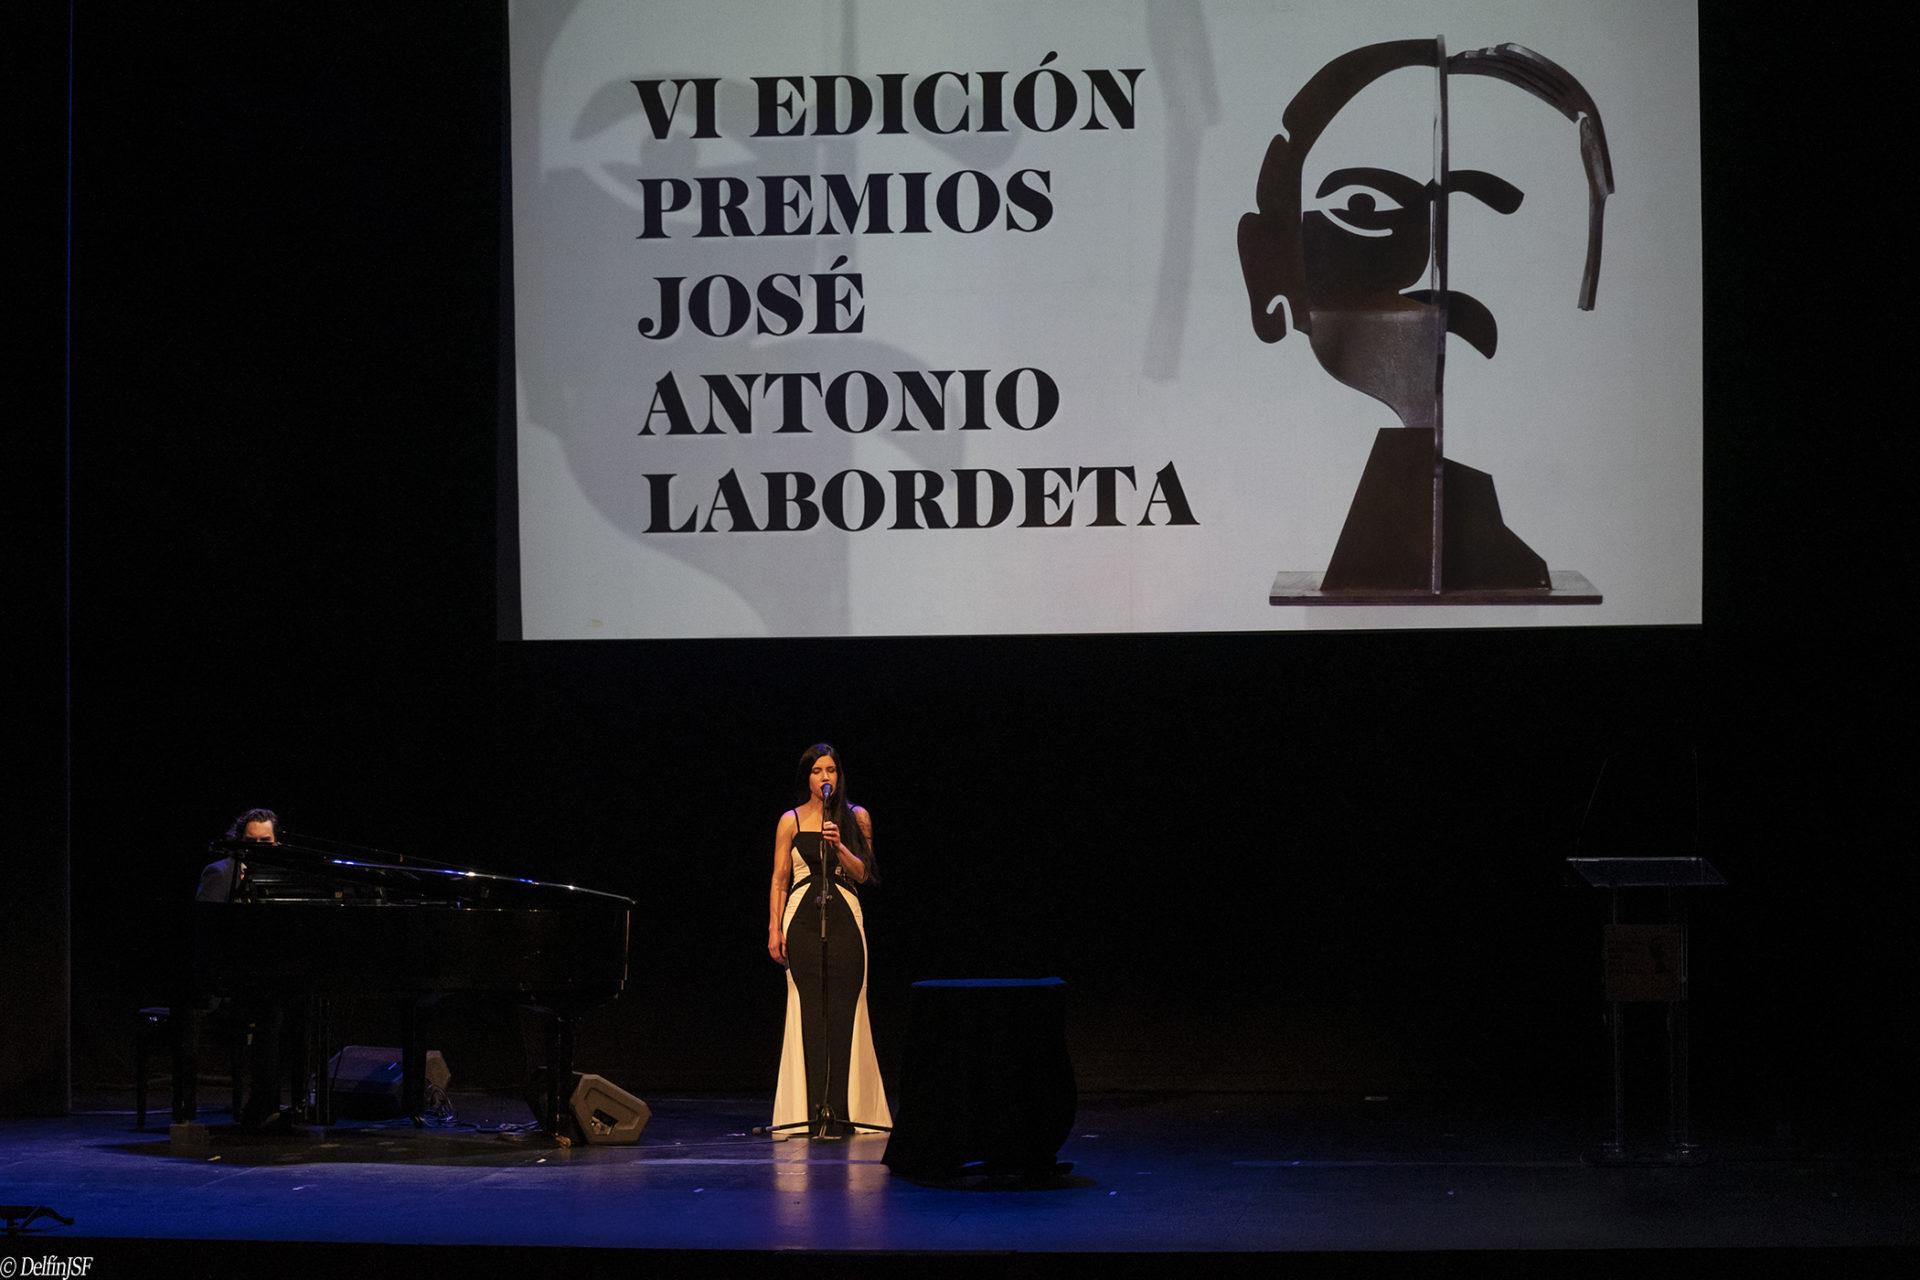 VI PREMIOS JOSÉ ANTONIO LABORDETA #TEATROPRINCIPAL, DelfínJSF